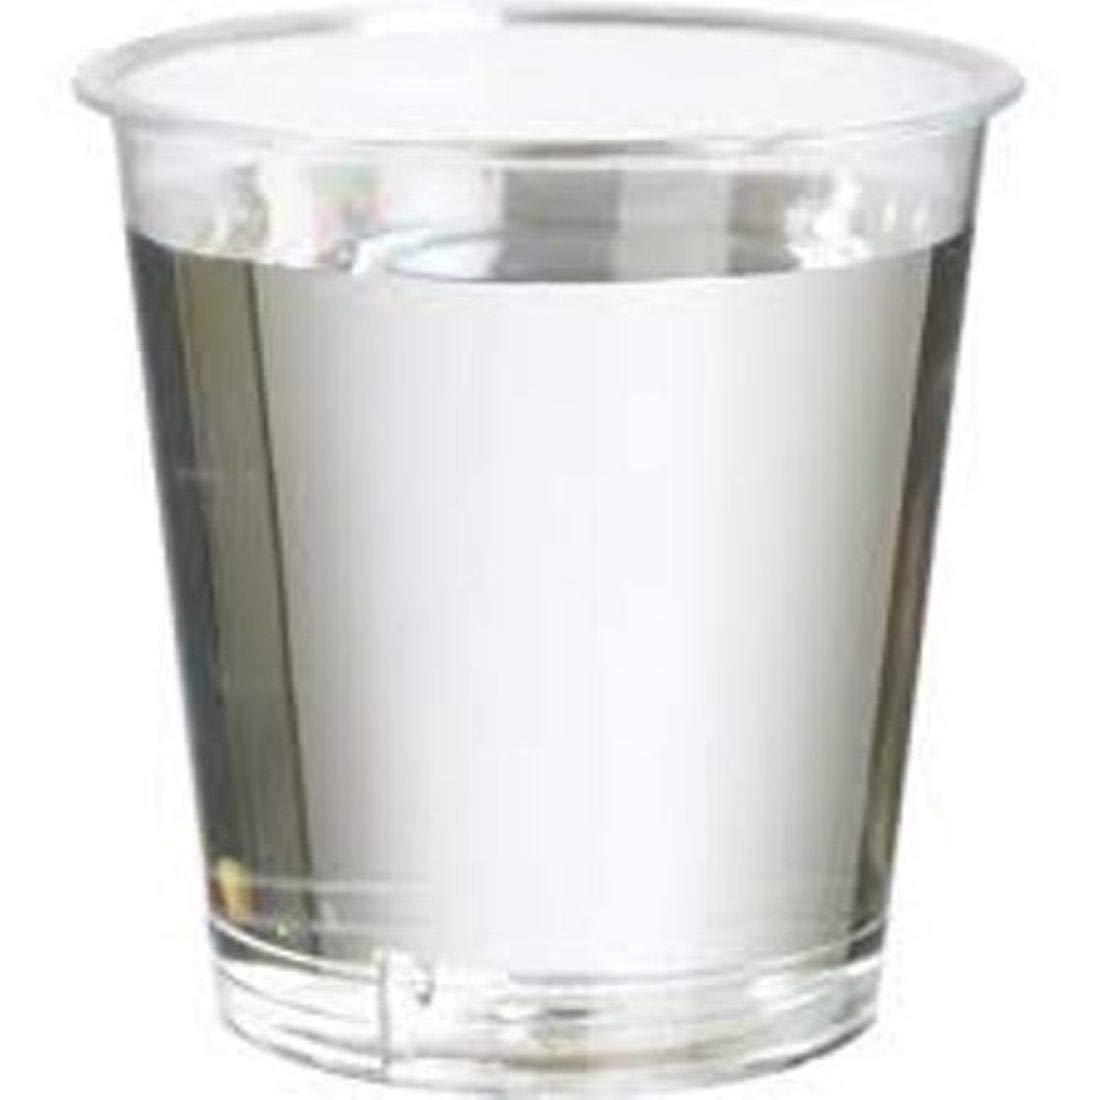 25ml Plastic Shot Glasses (Pack of 100) Plastic Test Tubes LTD